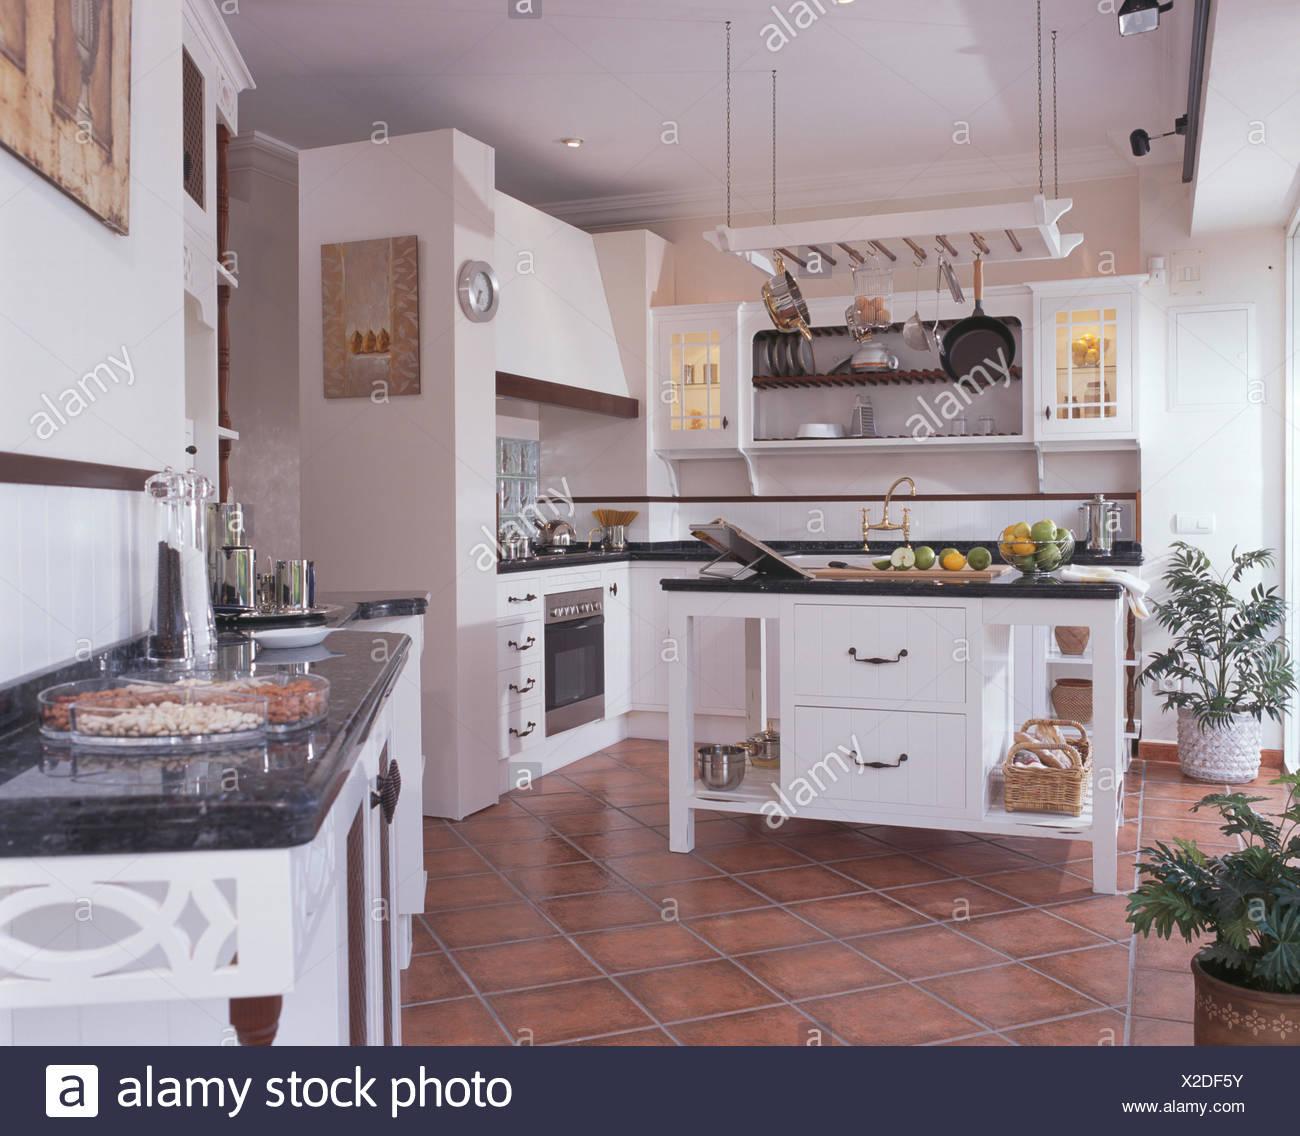 Piastrelle Pavimento Cucina Moderna